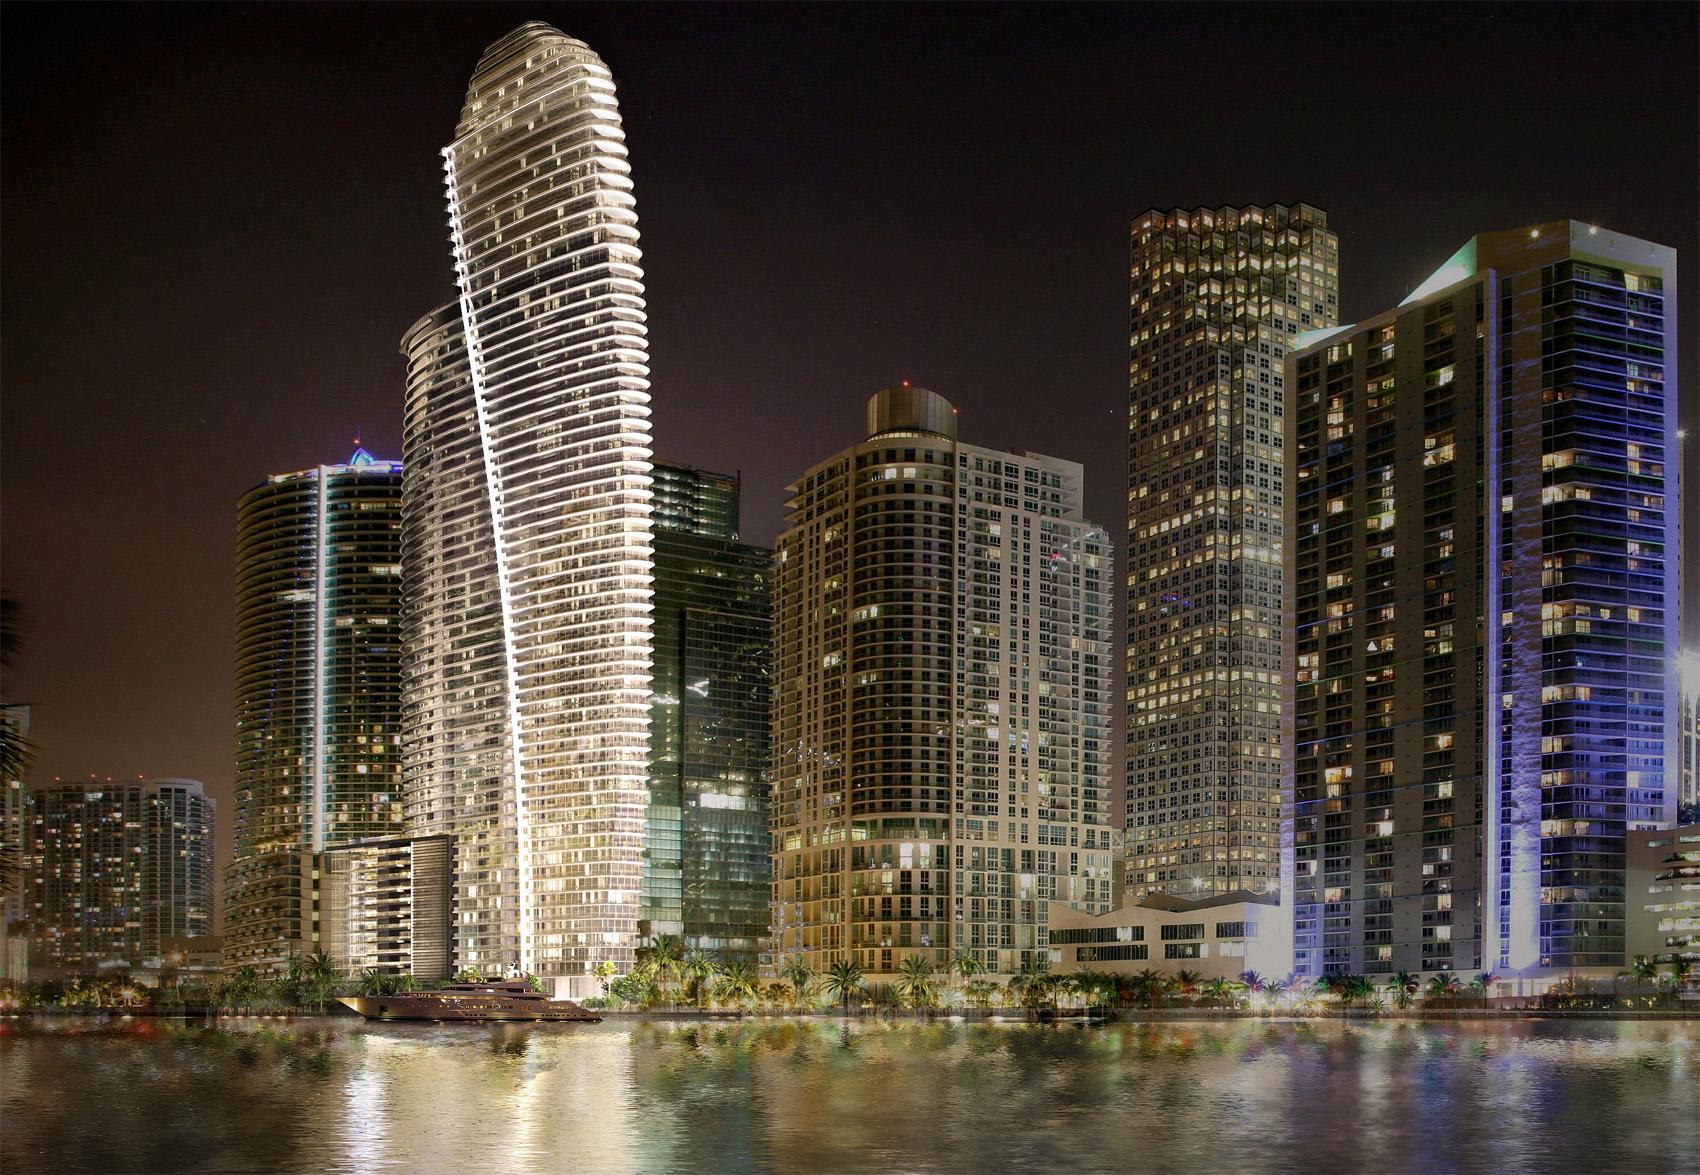 Aston Martin To Create Interiors For Super-Luxury Development In Miami